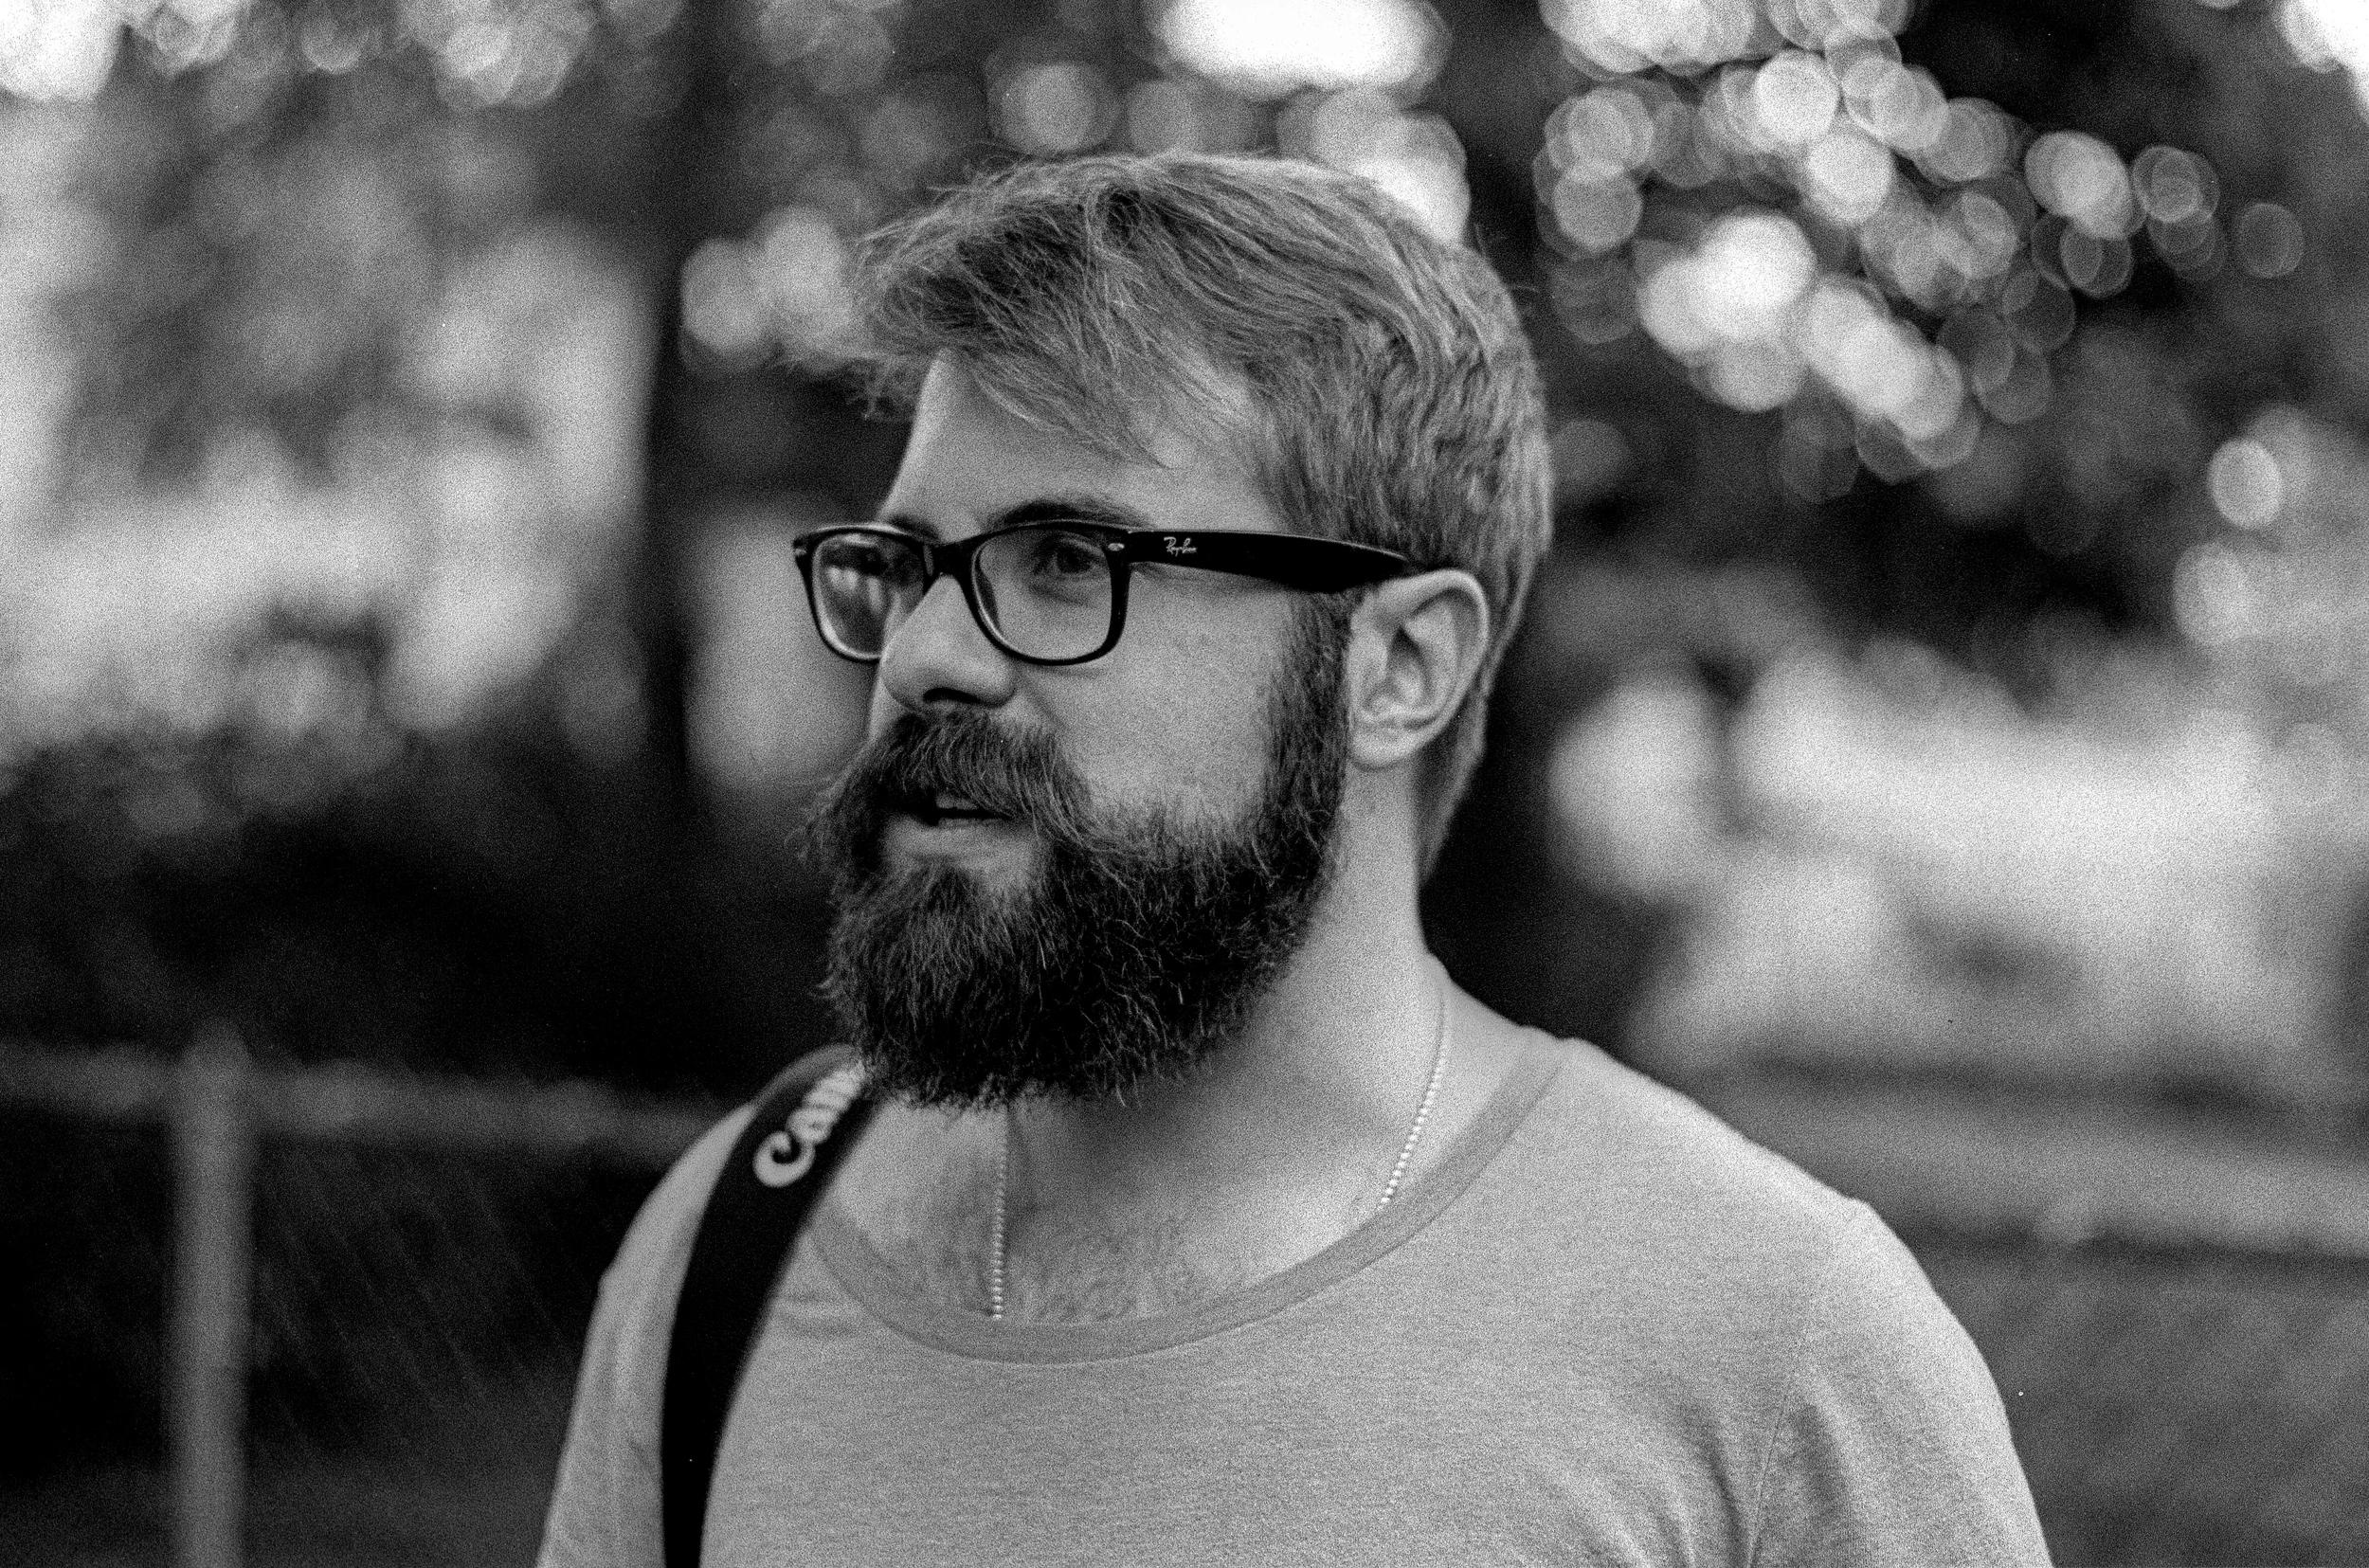 Bearded - 2015